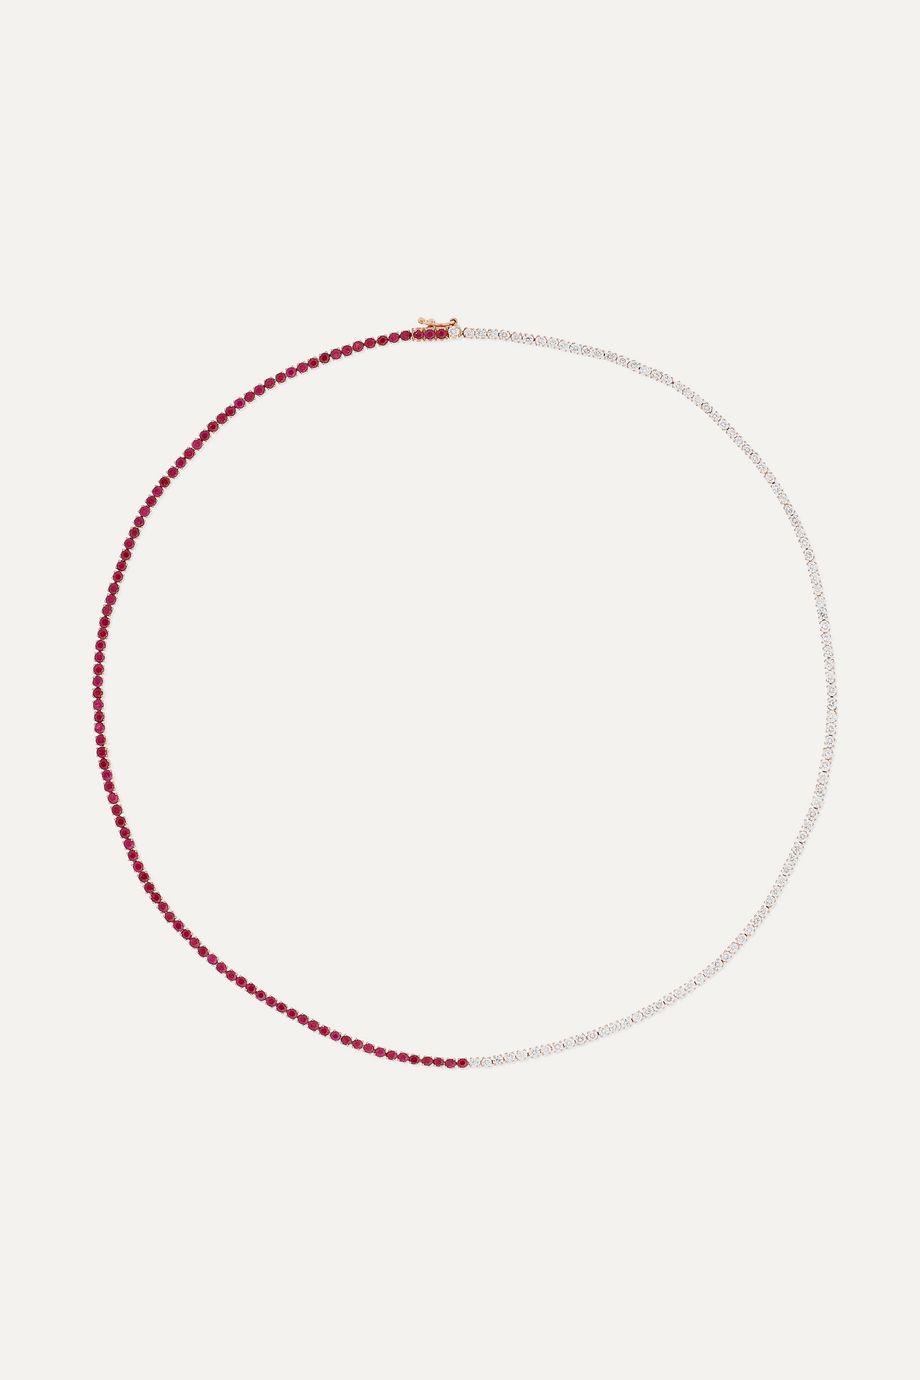 Anita Ko 18-karat rose gold, diamond and ruby necklace